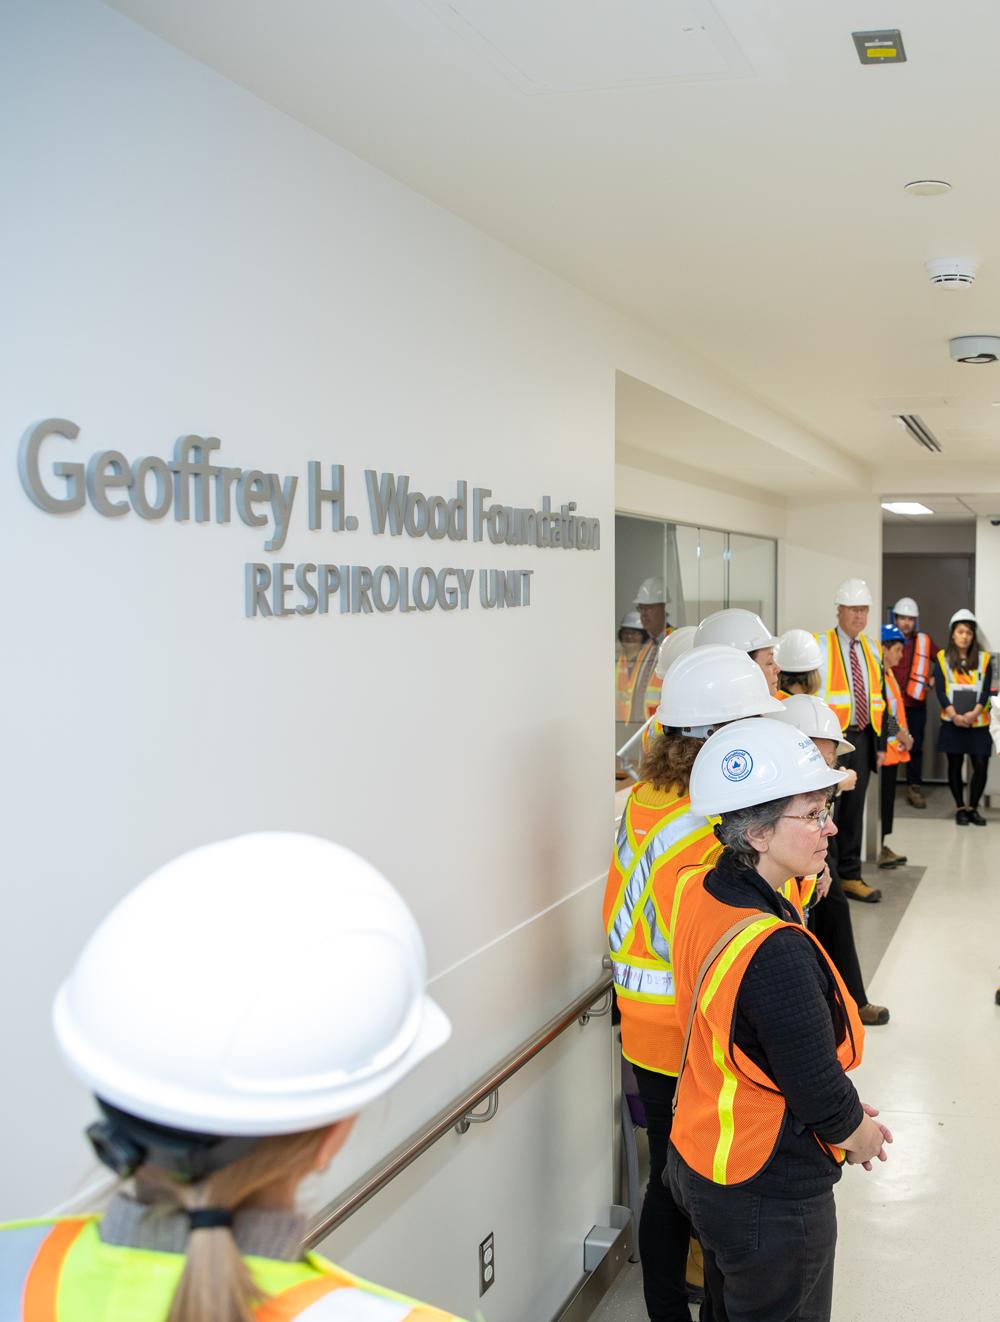 Geoffrey H. Wood Foundation Respirology Unit